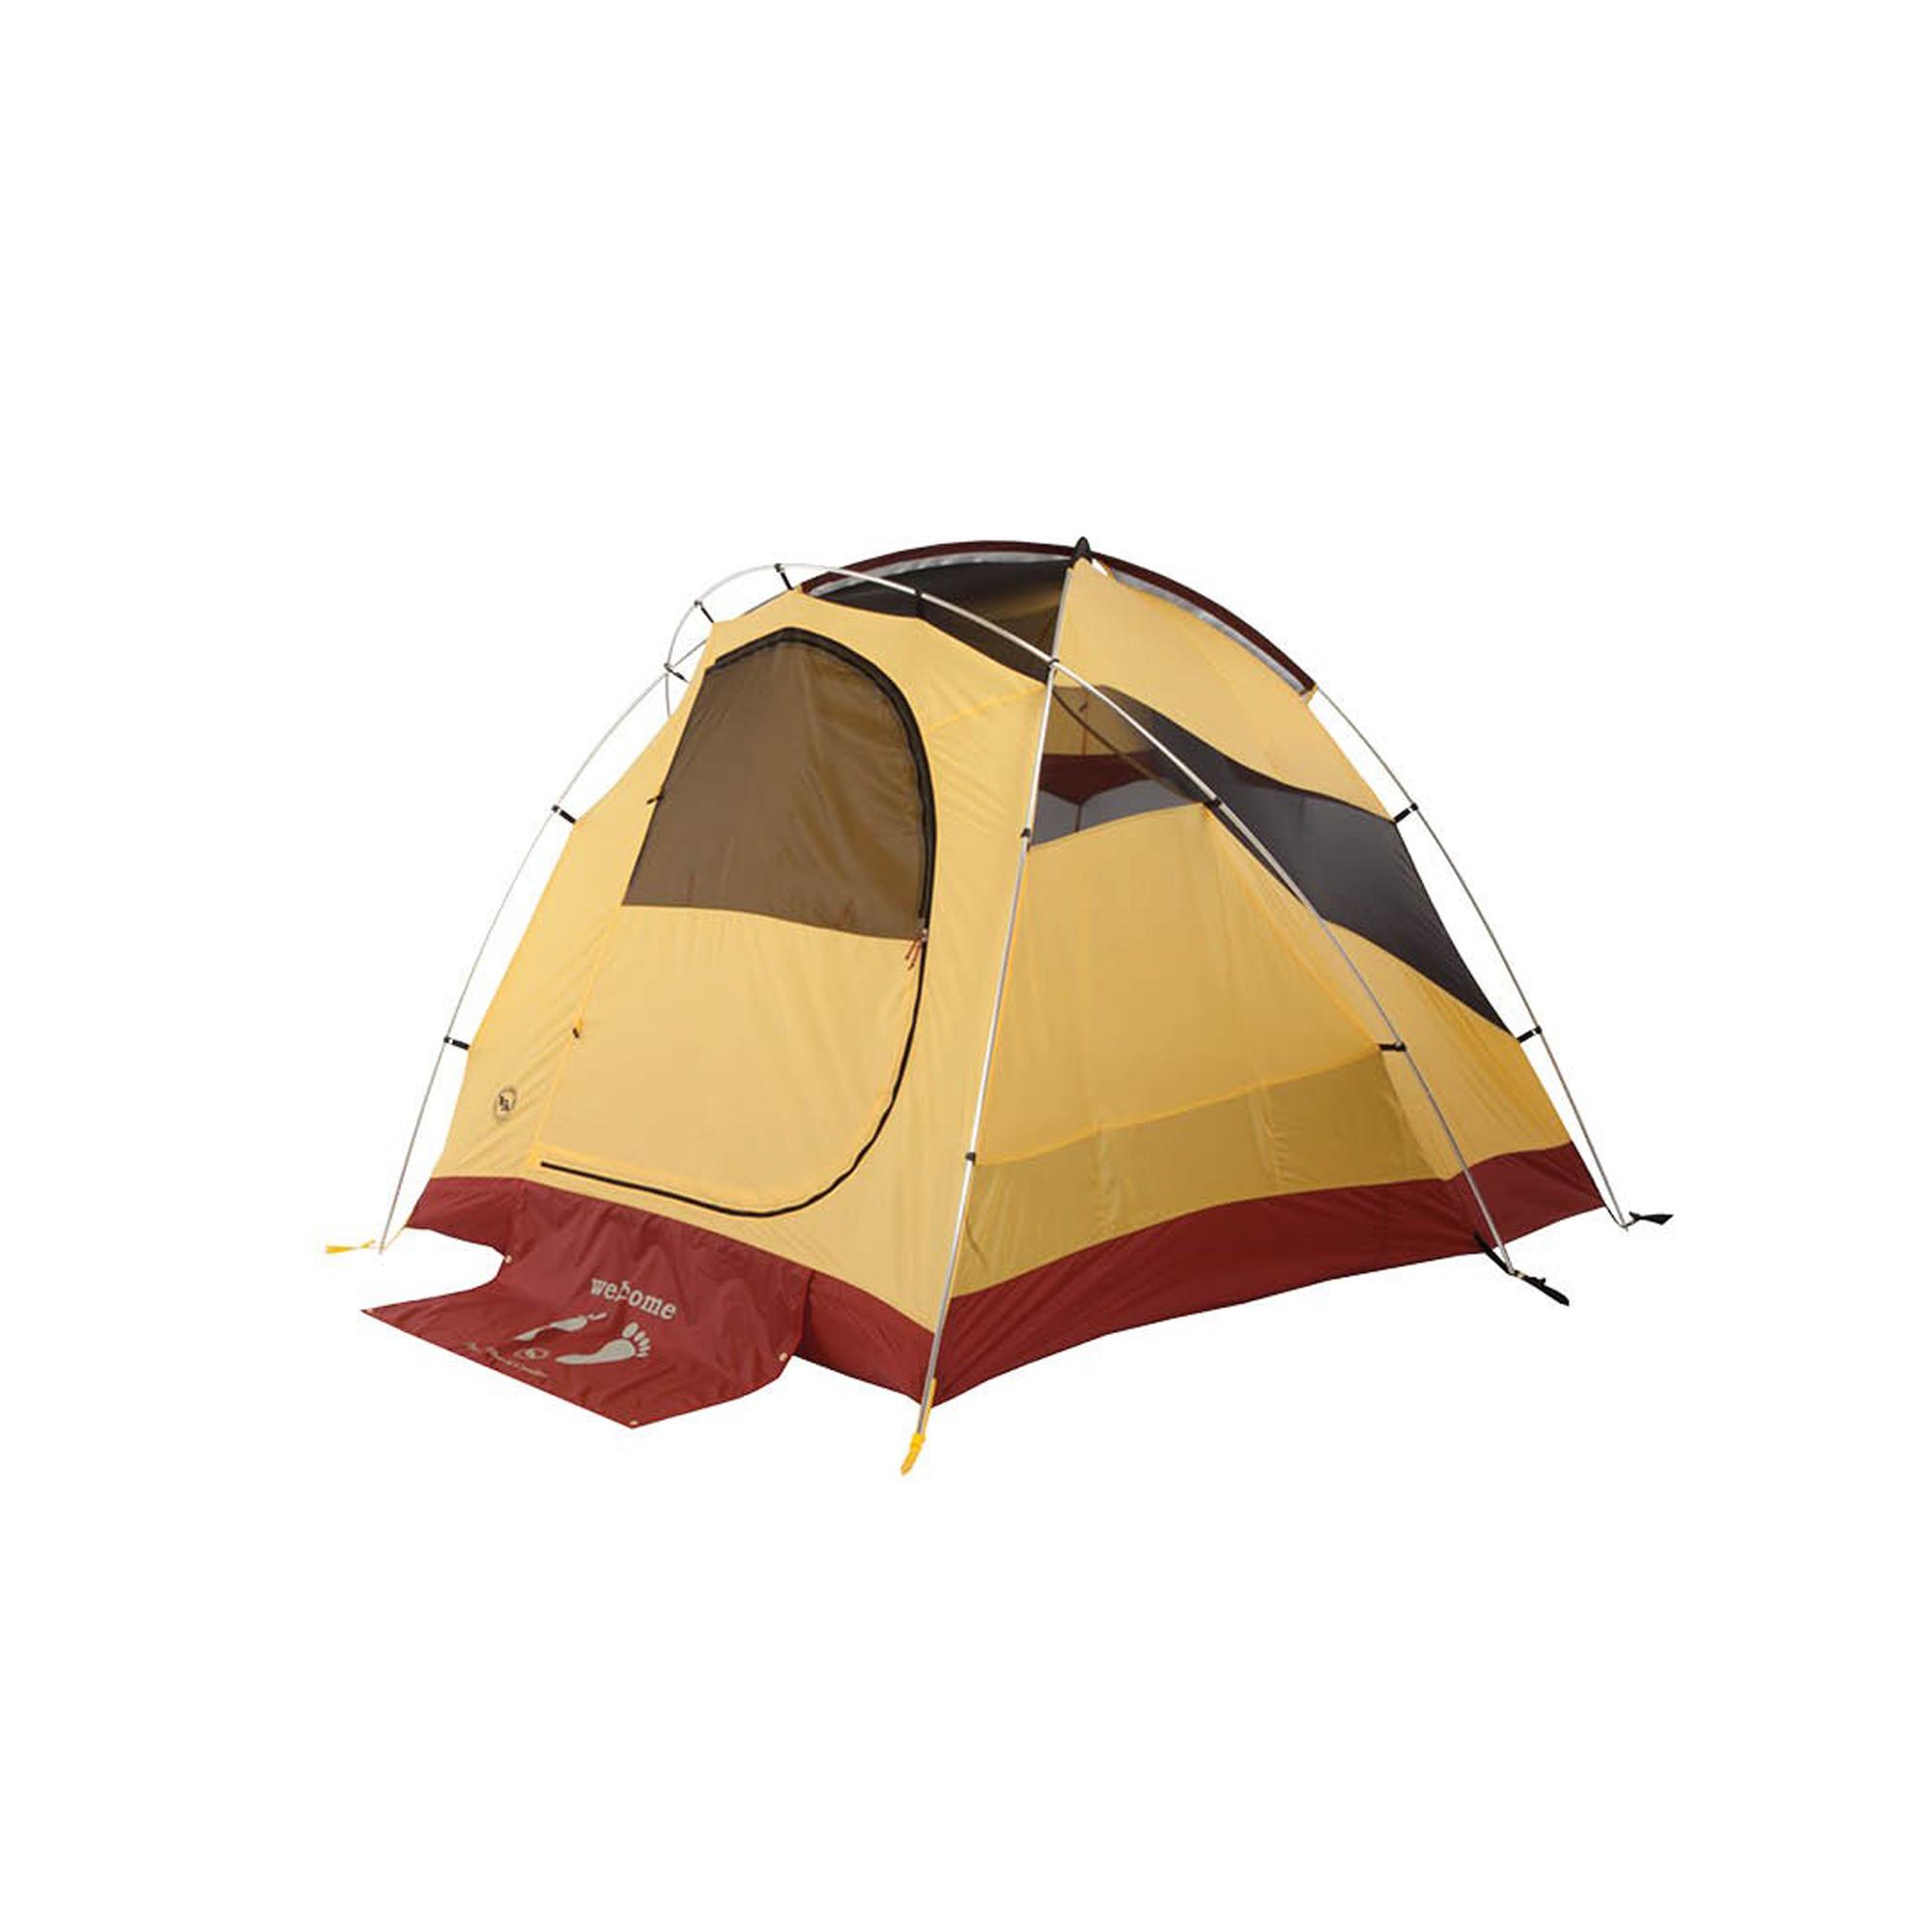 Big Agnes Big House 6 Tent - 6 Person 7ffc78c1c